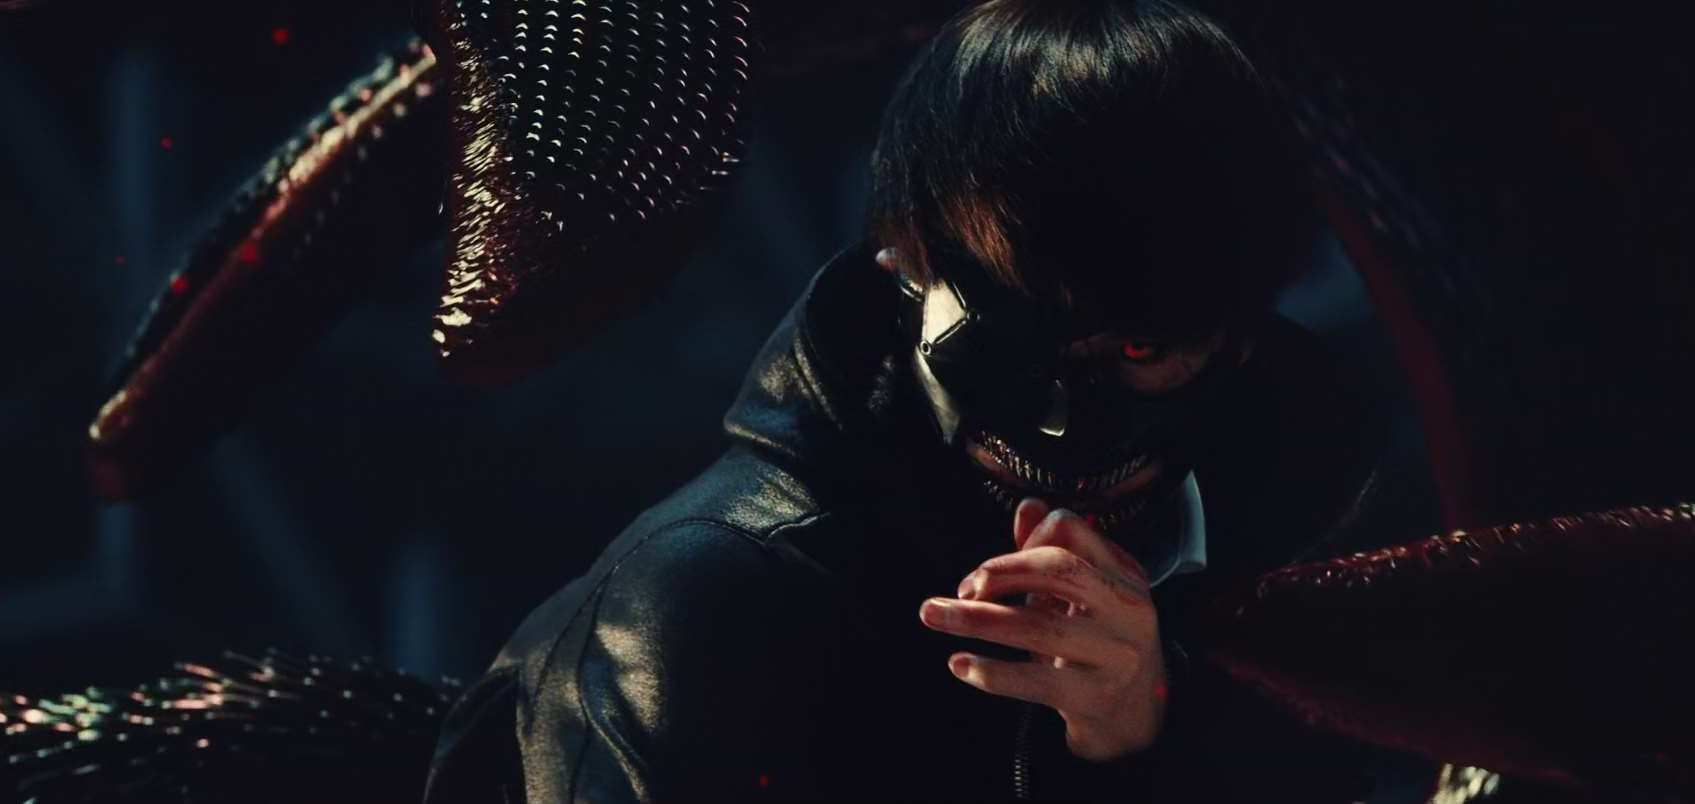 Ken Kaneki (Masataka Kubota) transformed into a ghoul in Tokyo Ghoul (2017)